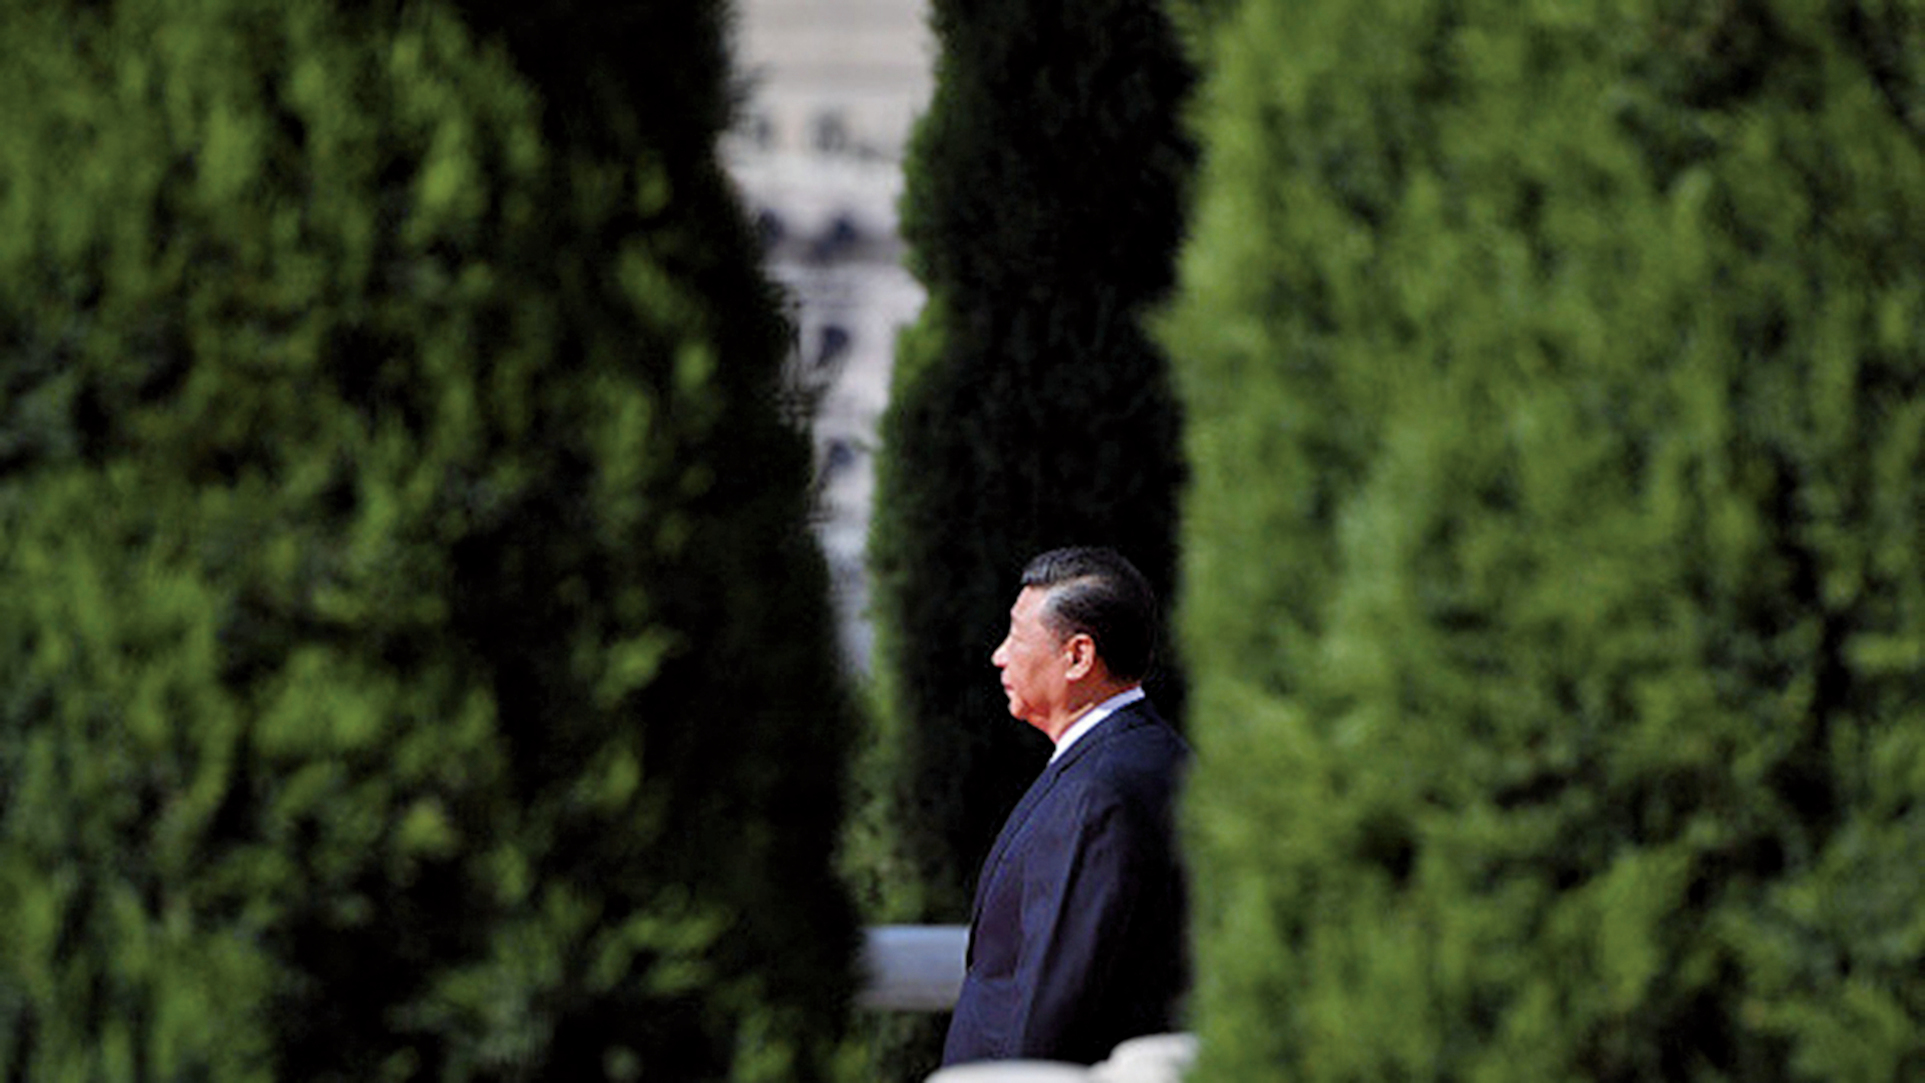 南韓政府希望習近平在日本G20峰會前後訪韓,由於中美貿易戰惡化,習近平取消了訪韓行程。示意圖(Getty Images)